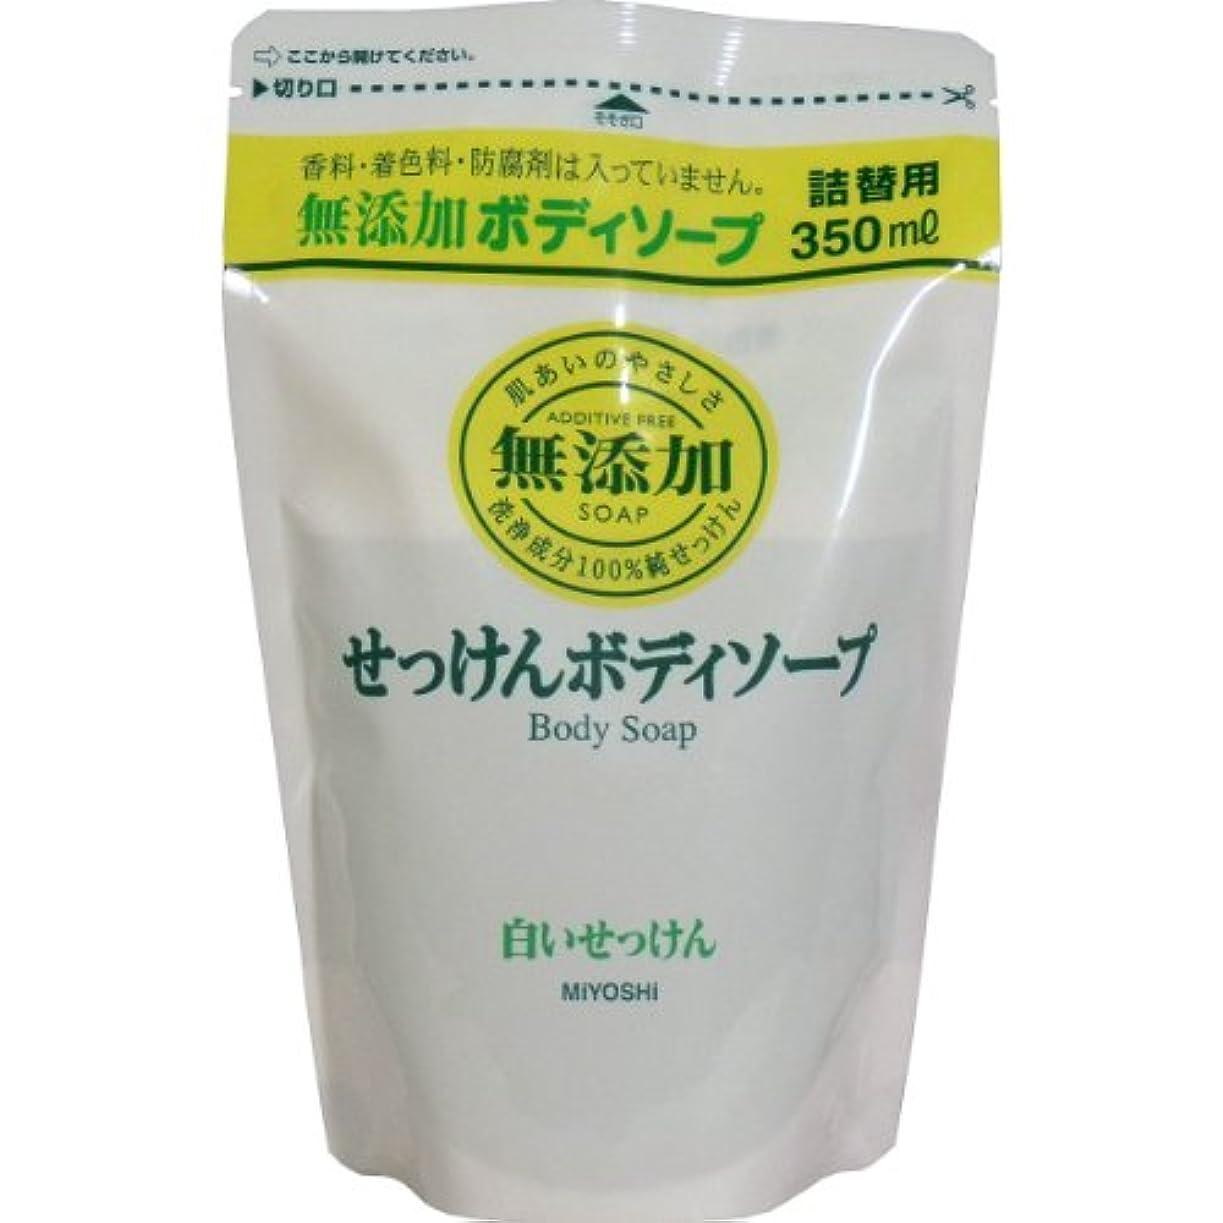 サーバントチーフしみ無添加 ボディソープ 白い石けん つめかえ用 350ml(無添加石鹸) 7セット